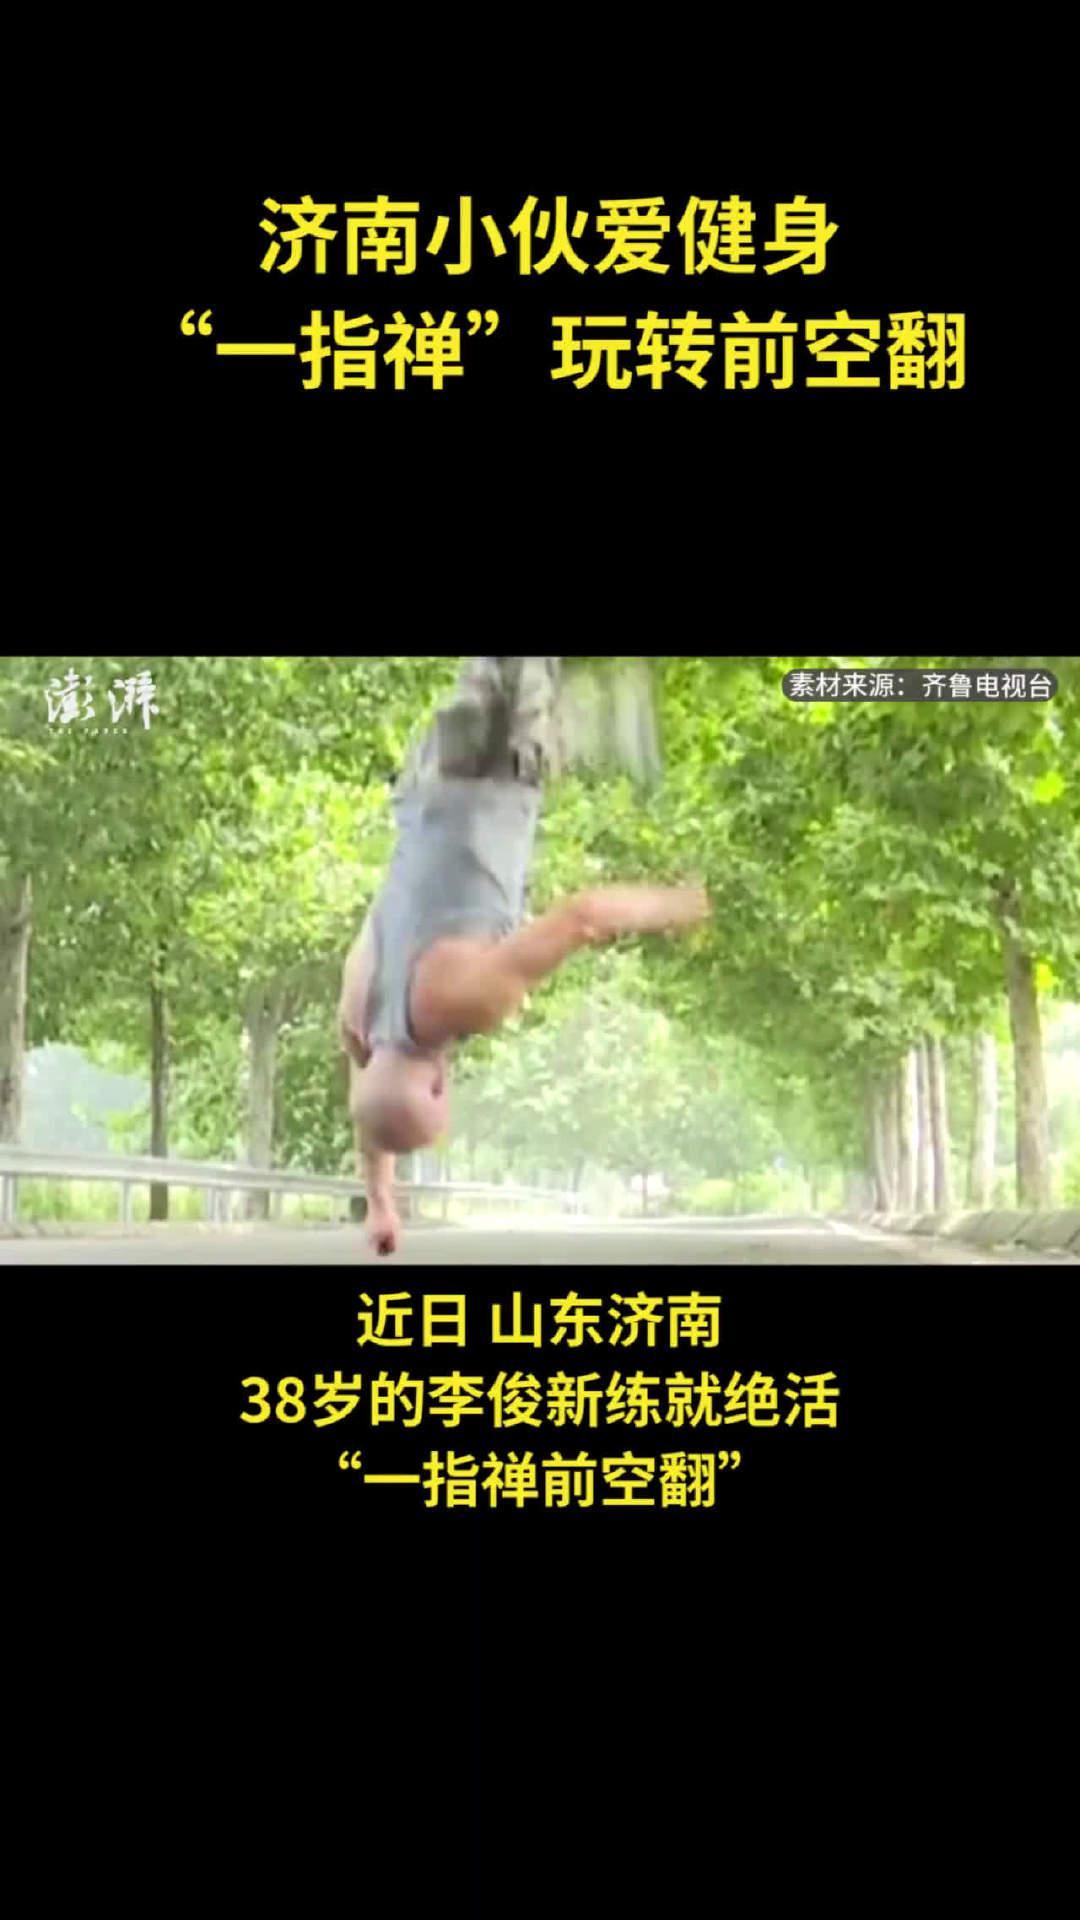 山东男子一指禅前空翻30秒25个:每天锻炼2小时左右